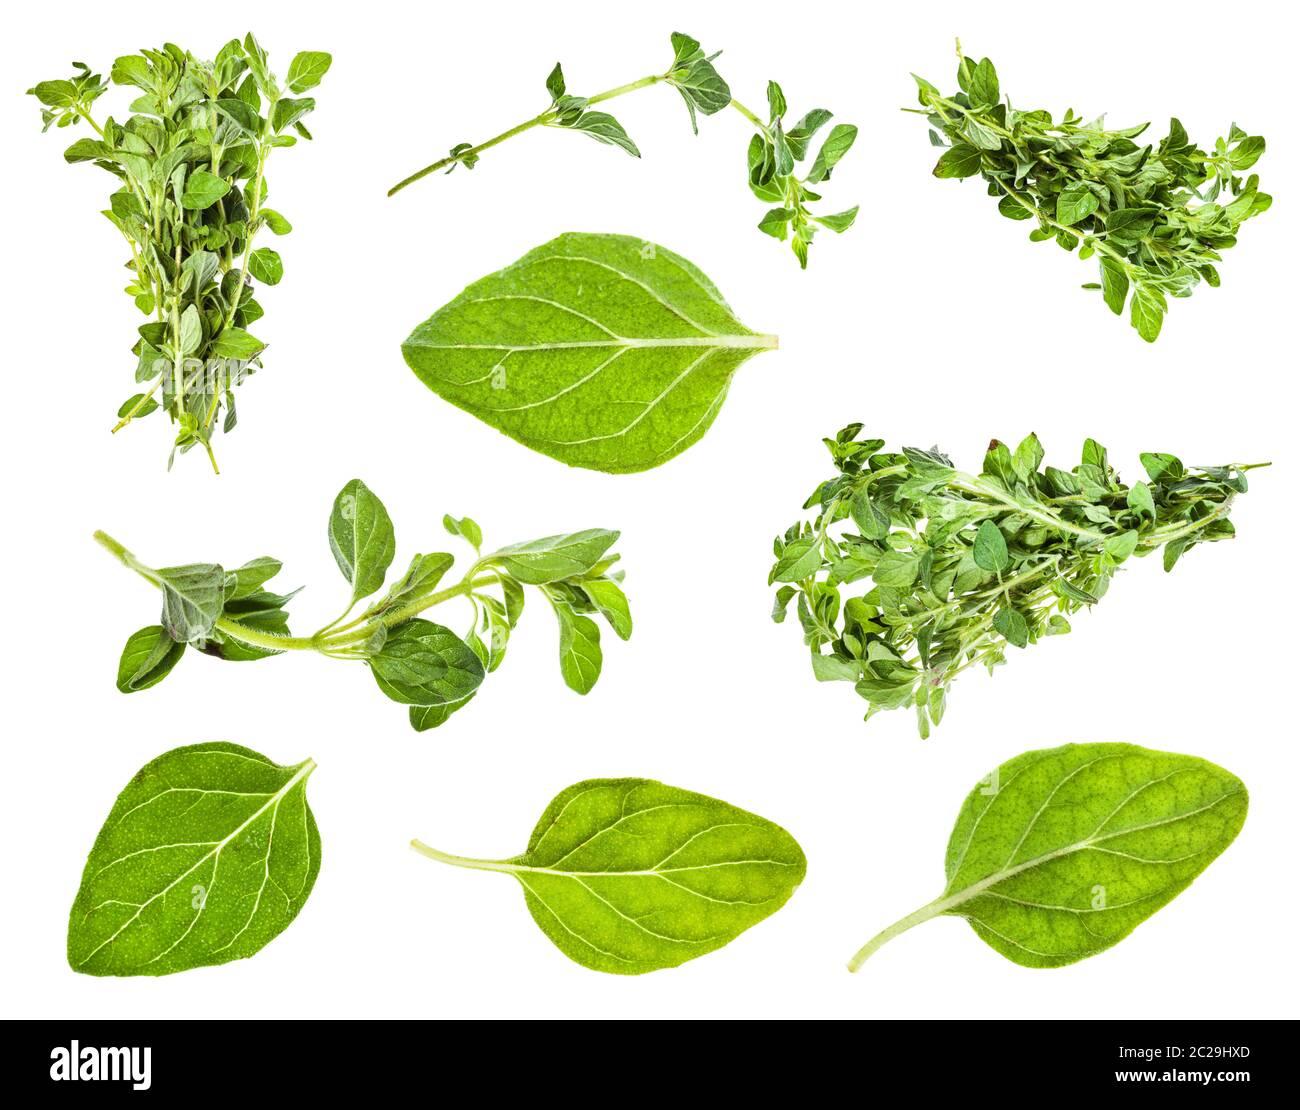 Conjunto de hojas y ramitas de orégano planta aislado sobre fondo blanco. Foto de stock